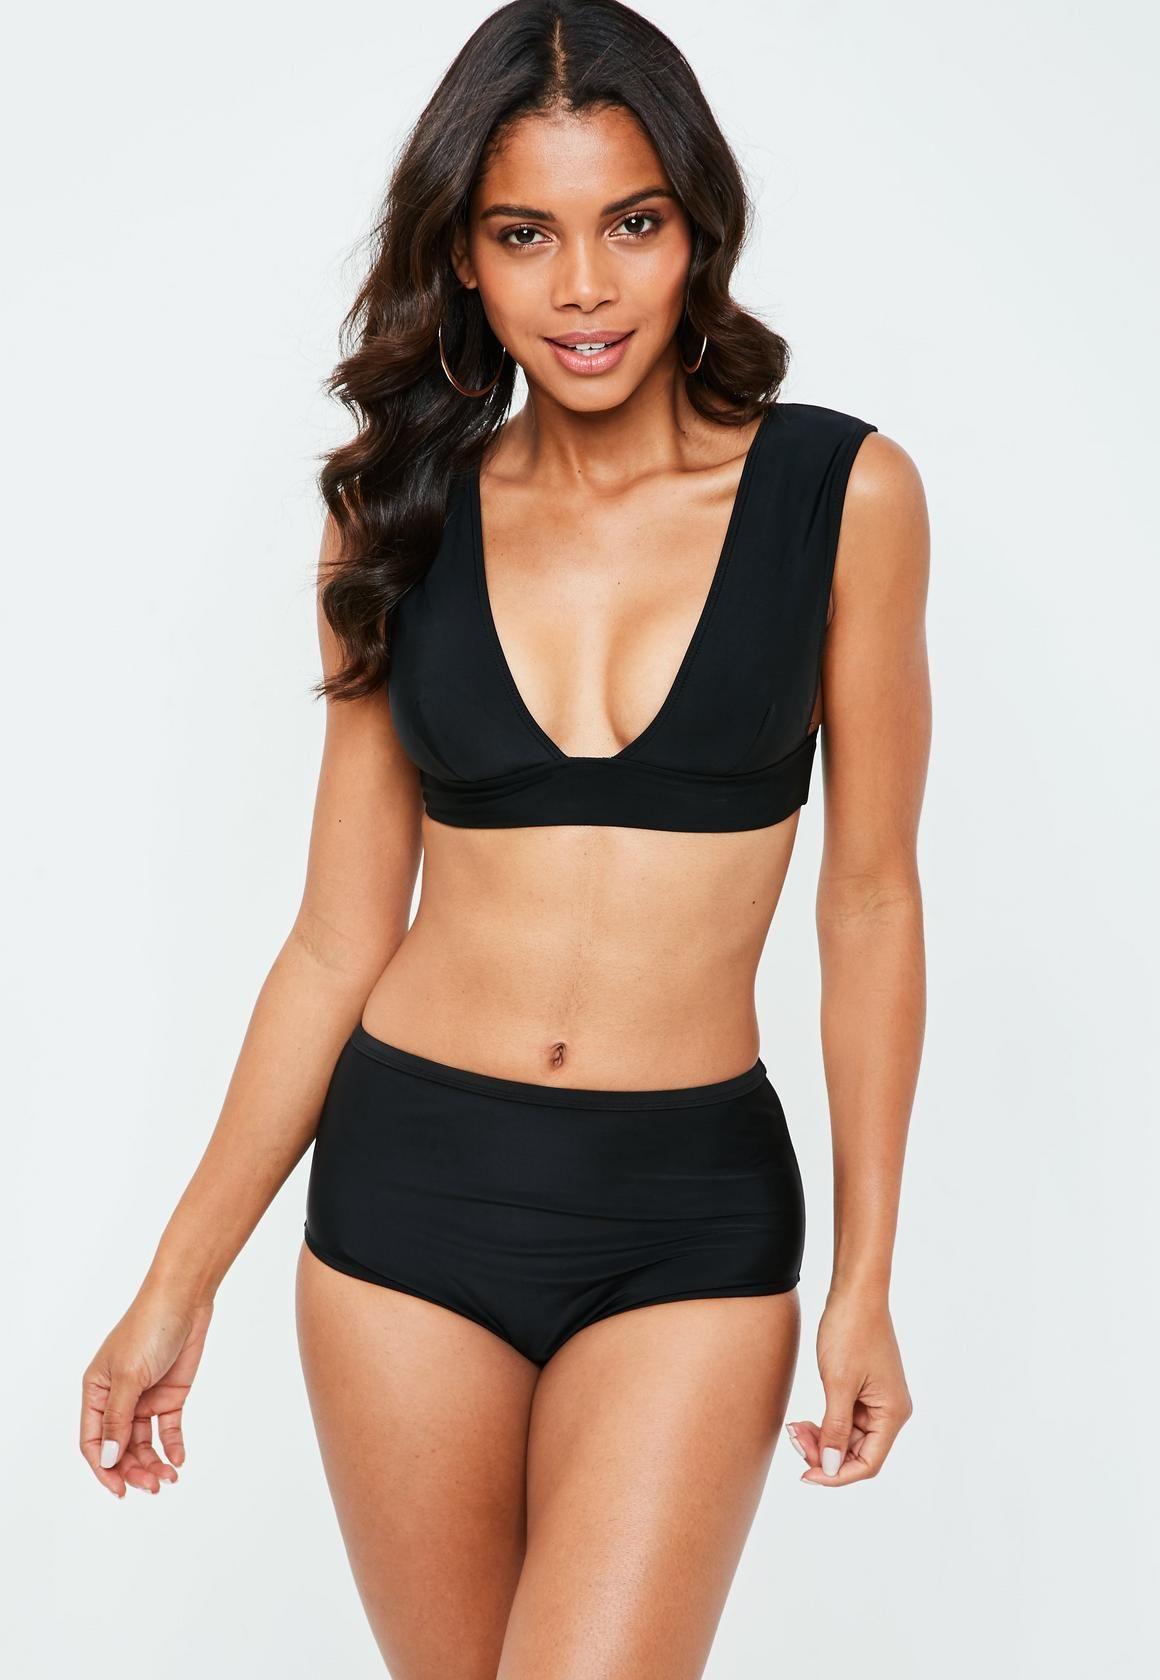 d8a1bdfec8a Missguided Black Mix And Match Super Plunge Bikini Top | swim